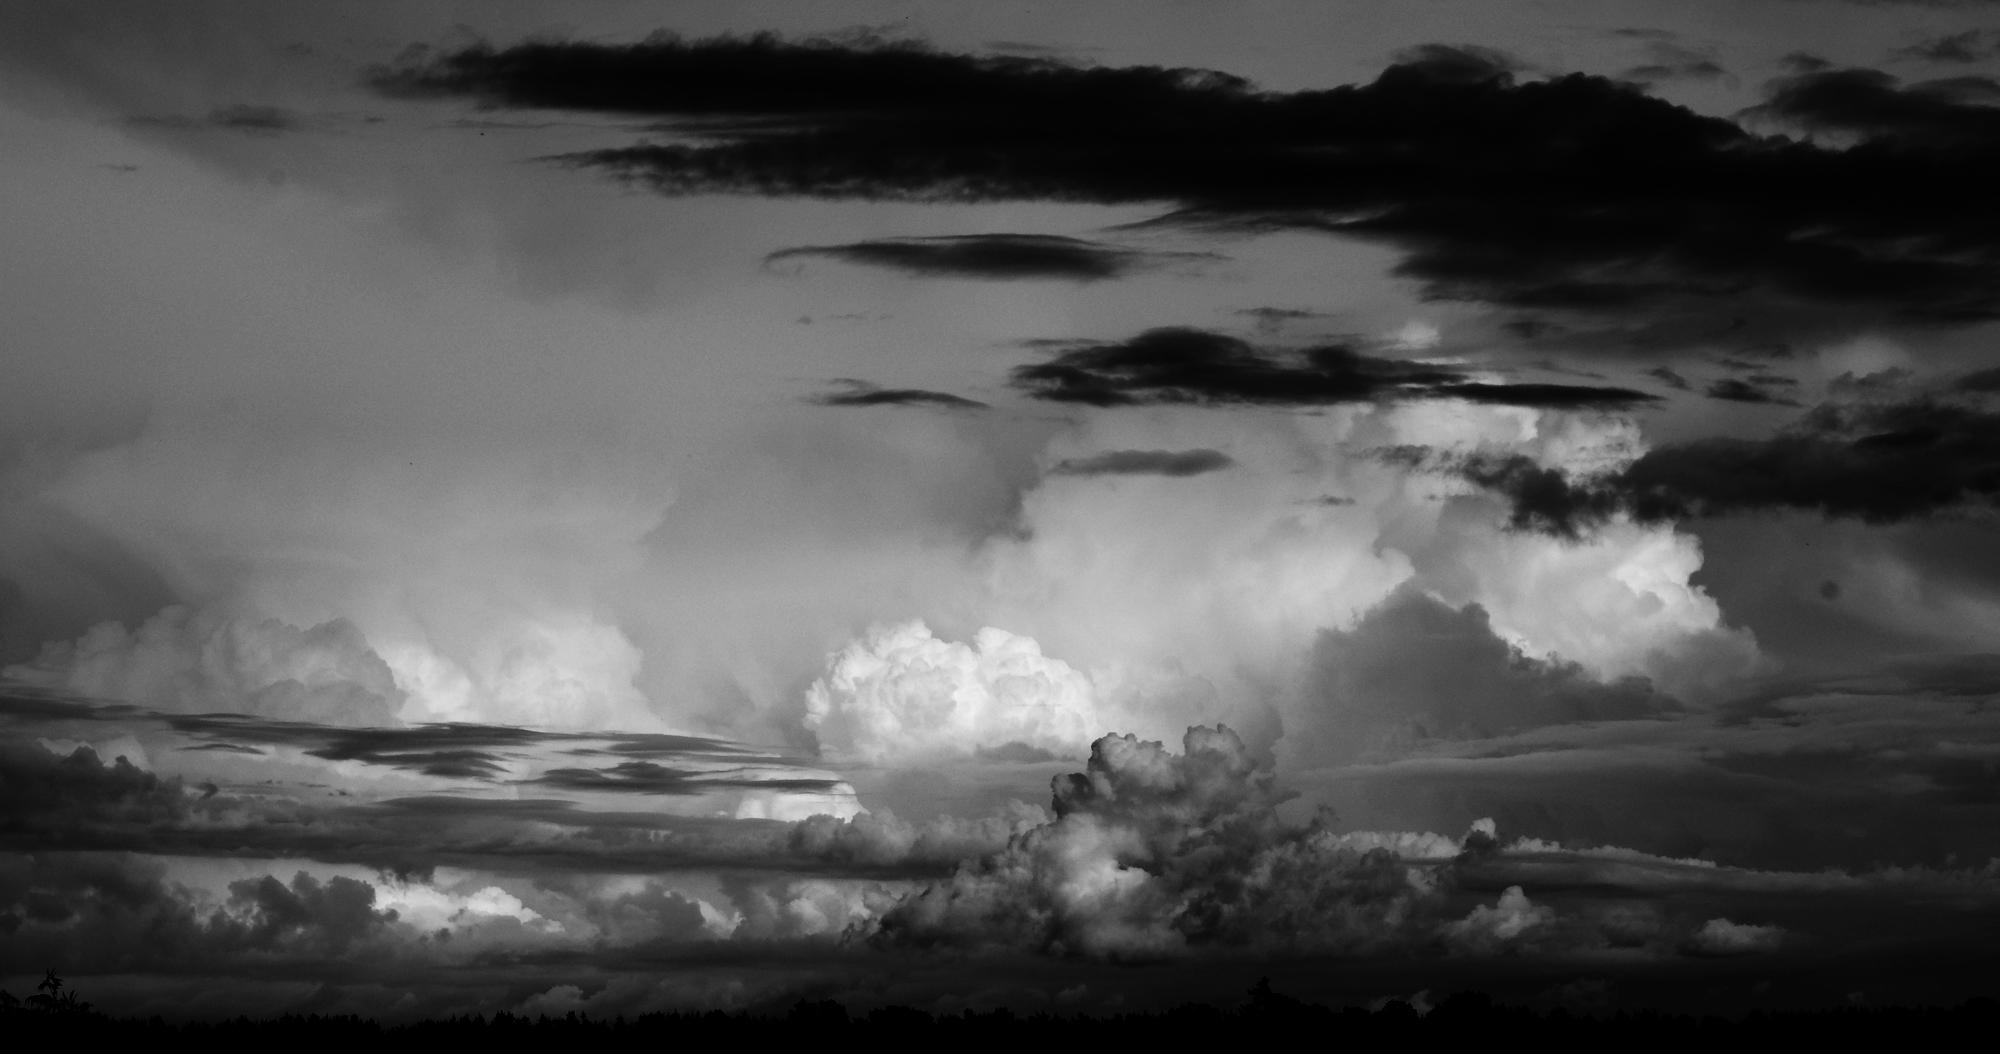 Himmel dramatisch in schwarz-weiß